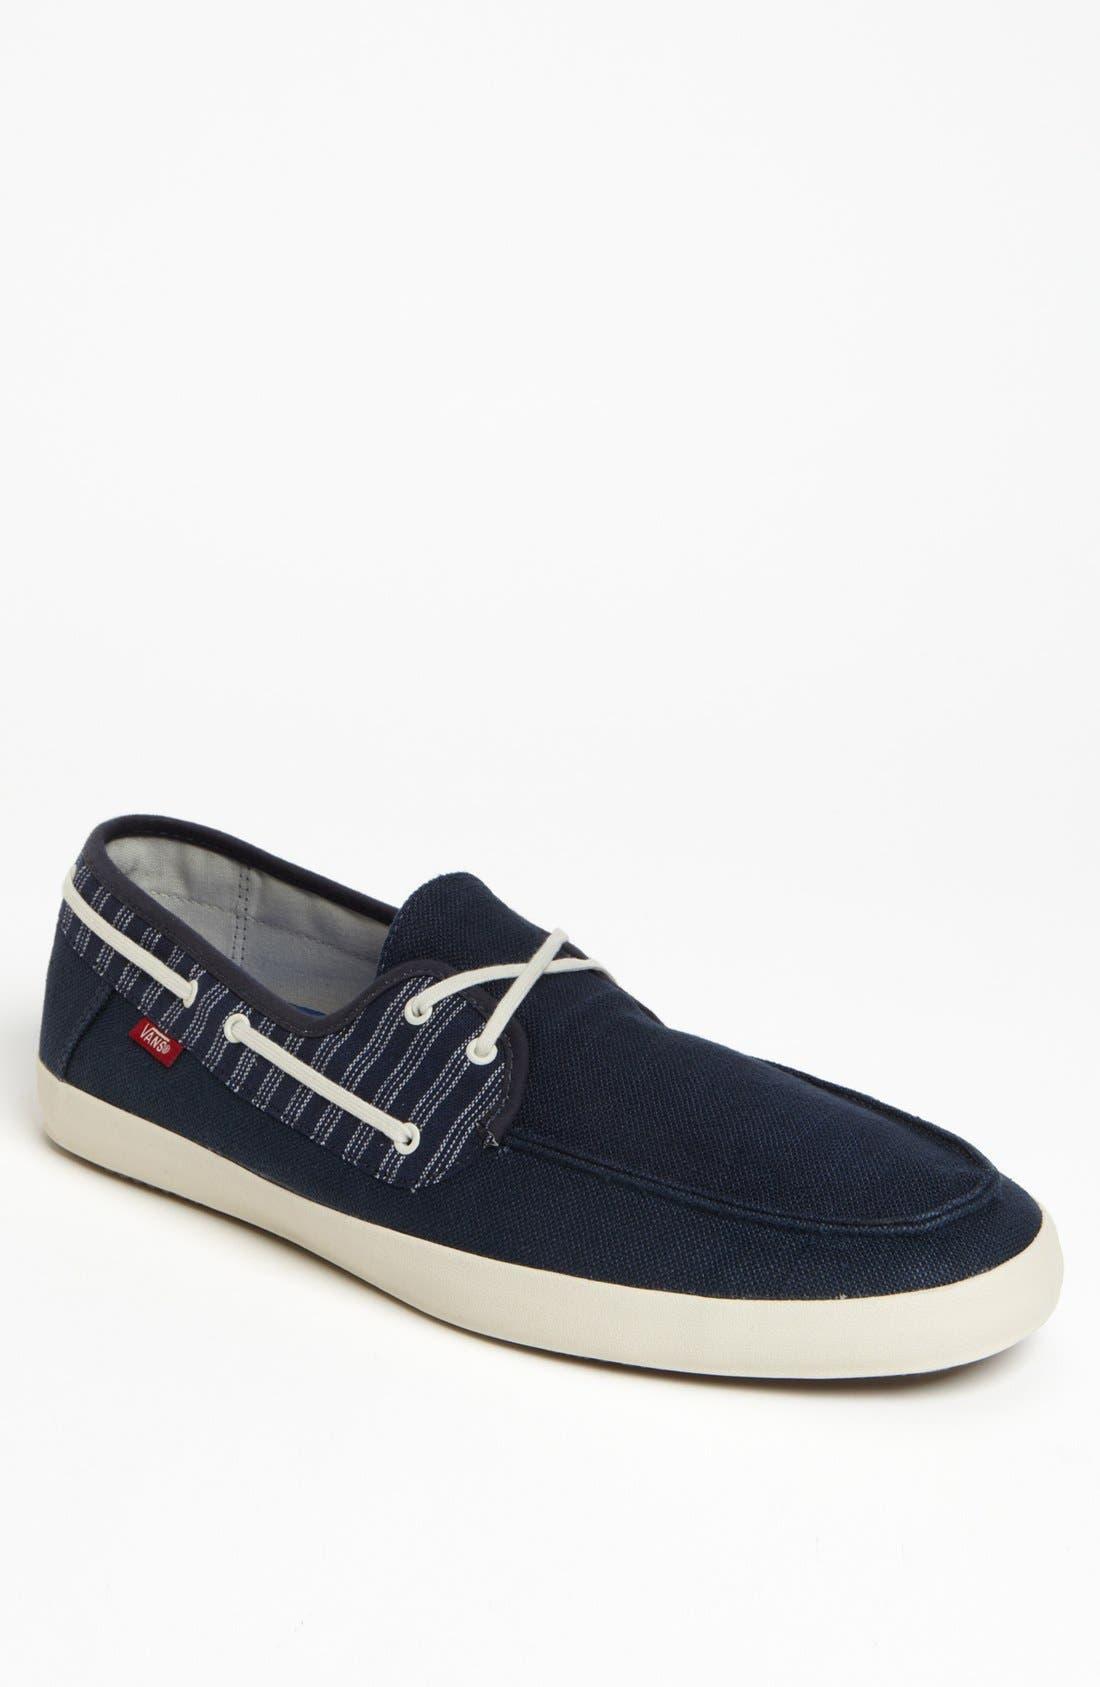 Main Image - Vans 'Chauffeur' Boat Shoe (Men)